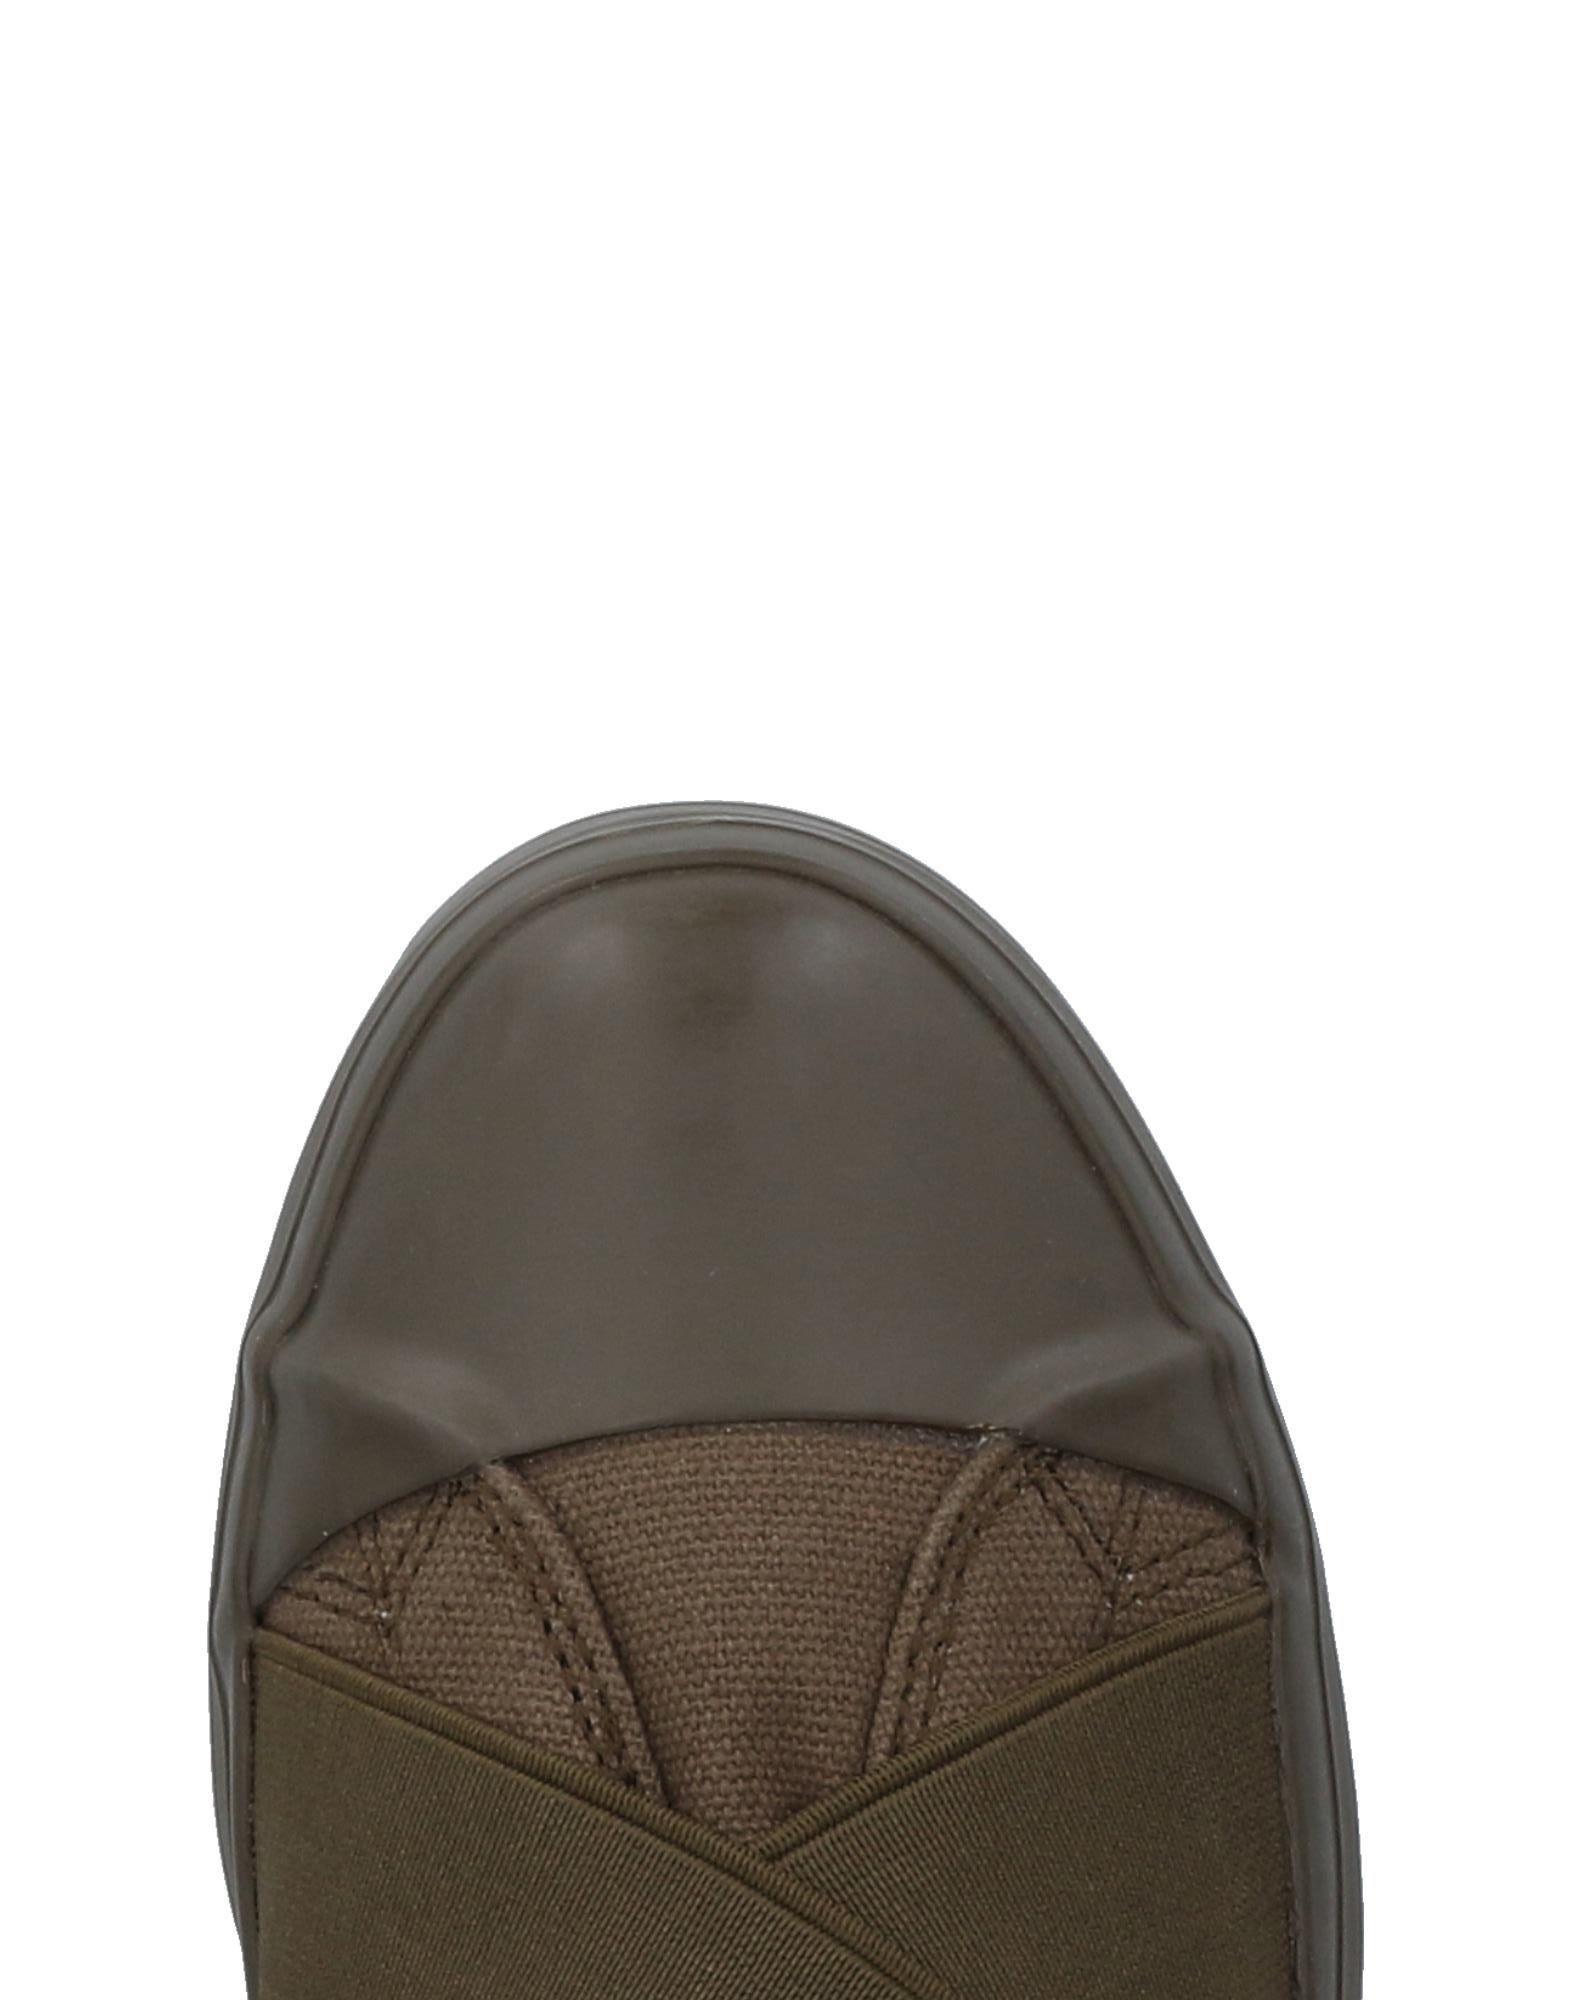 Zucca Sneakers Damen Gutes Preis-Leistungs-Verhältnis, es lohnt sich sich lohnt aac66c